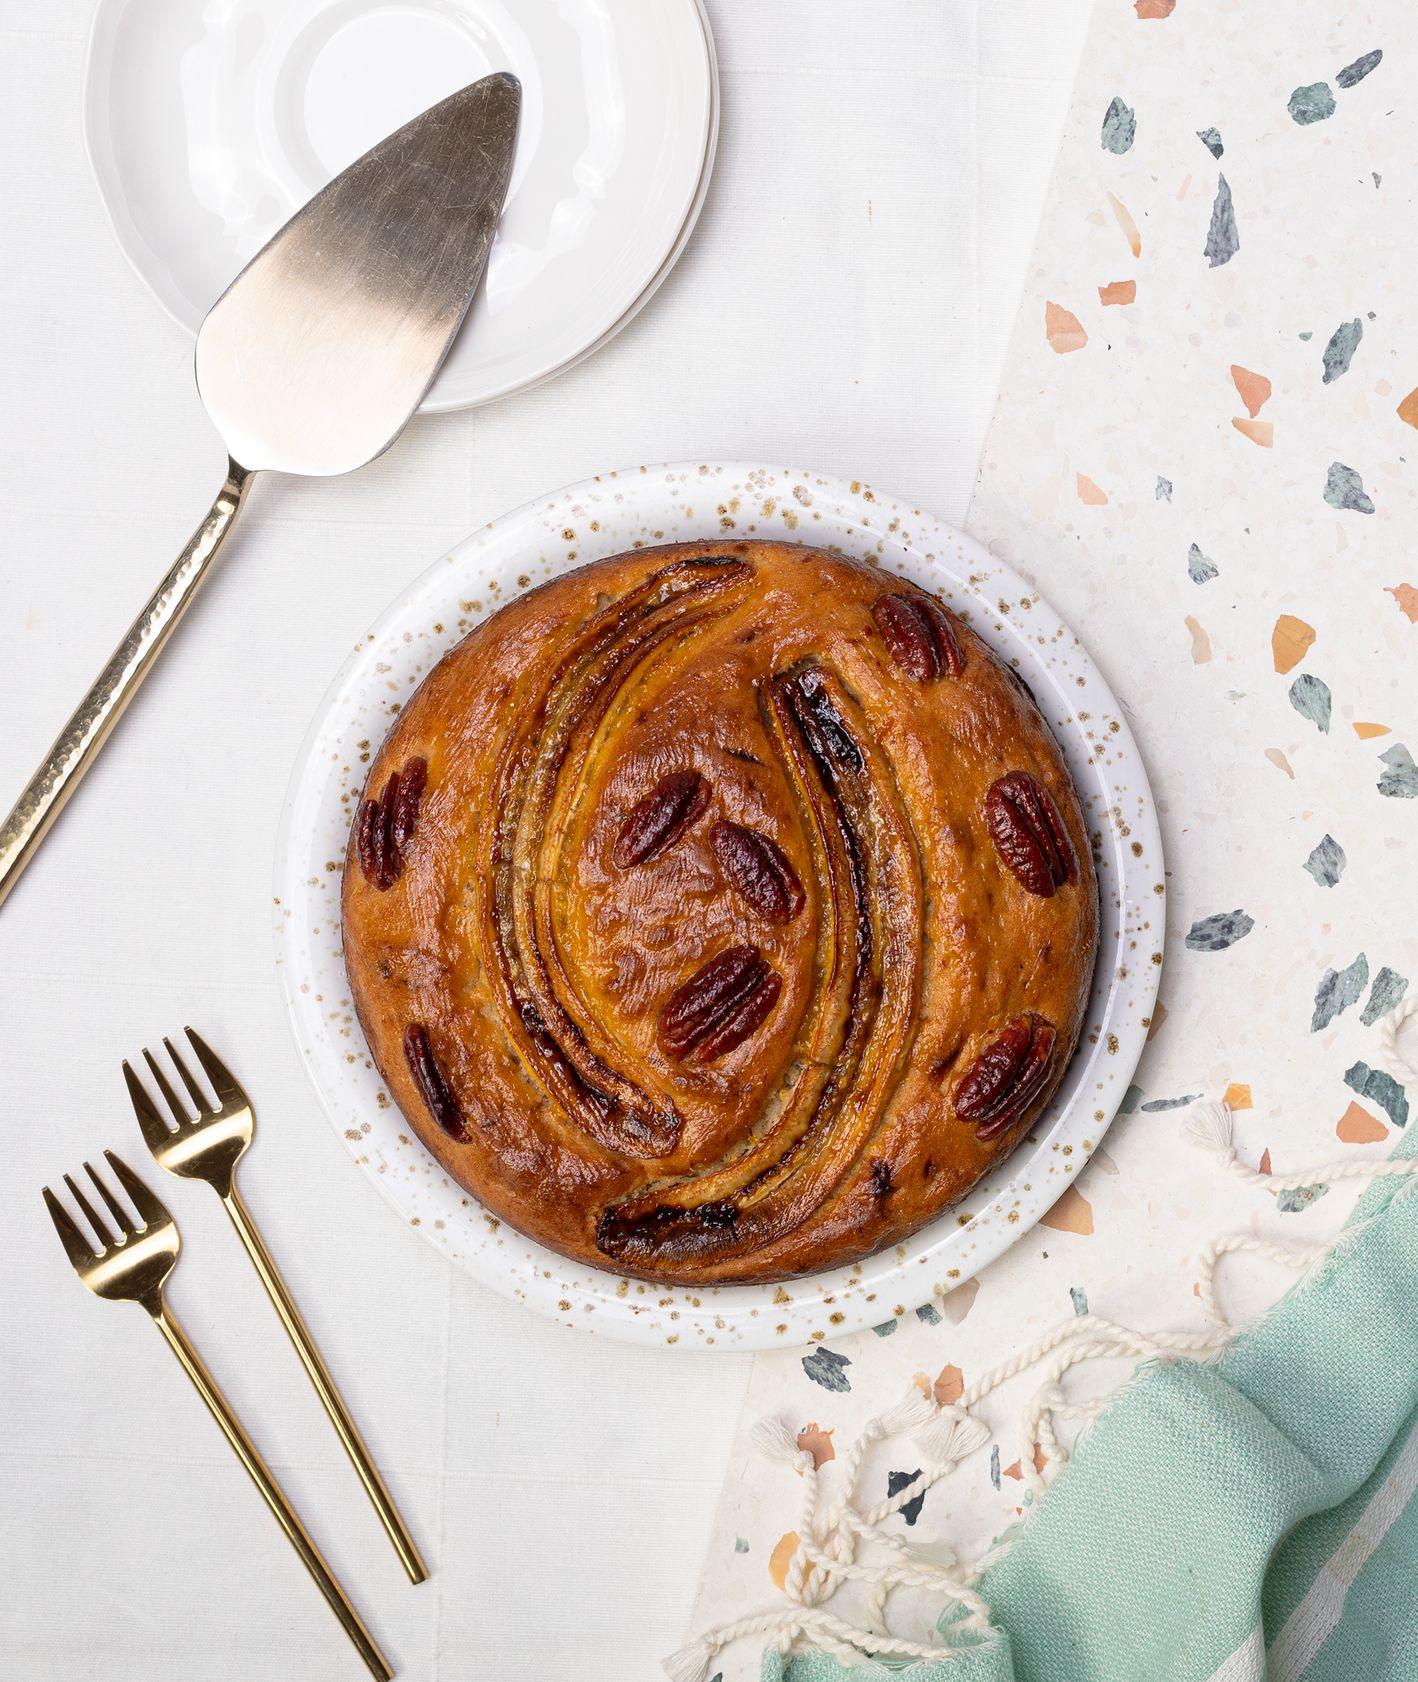 Jak zrobić wegańskie ciasto bananowe, pomysł na wegańskie ciasto, ciasta MUUS (fot. Paulina Czyżewska)